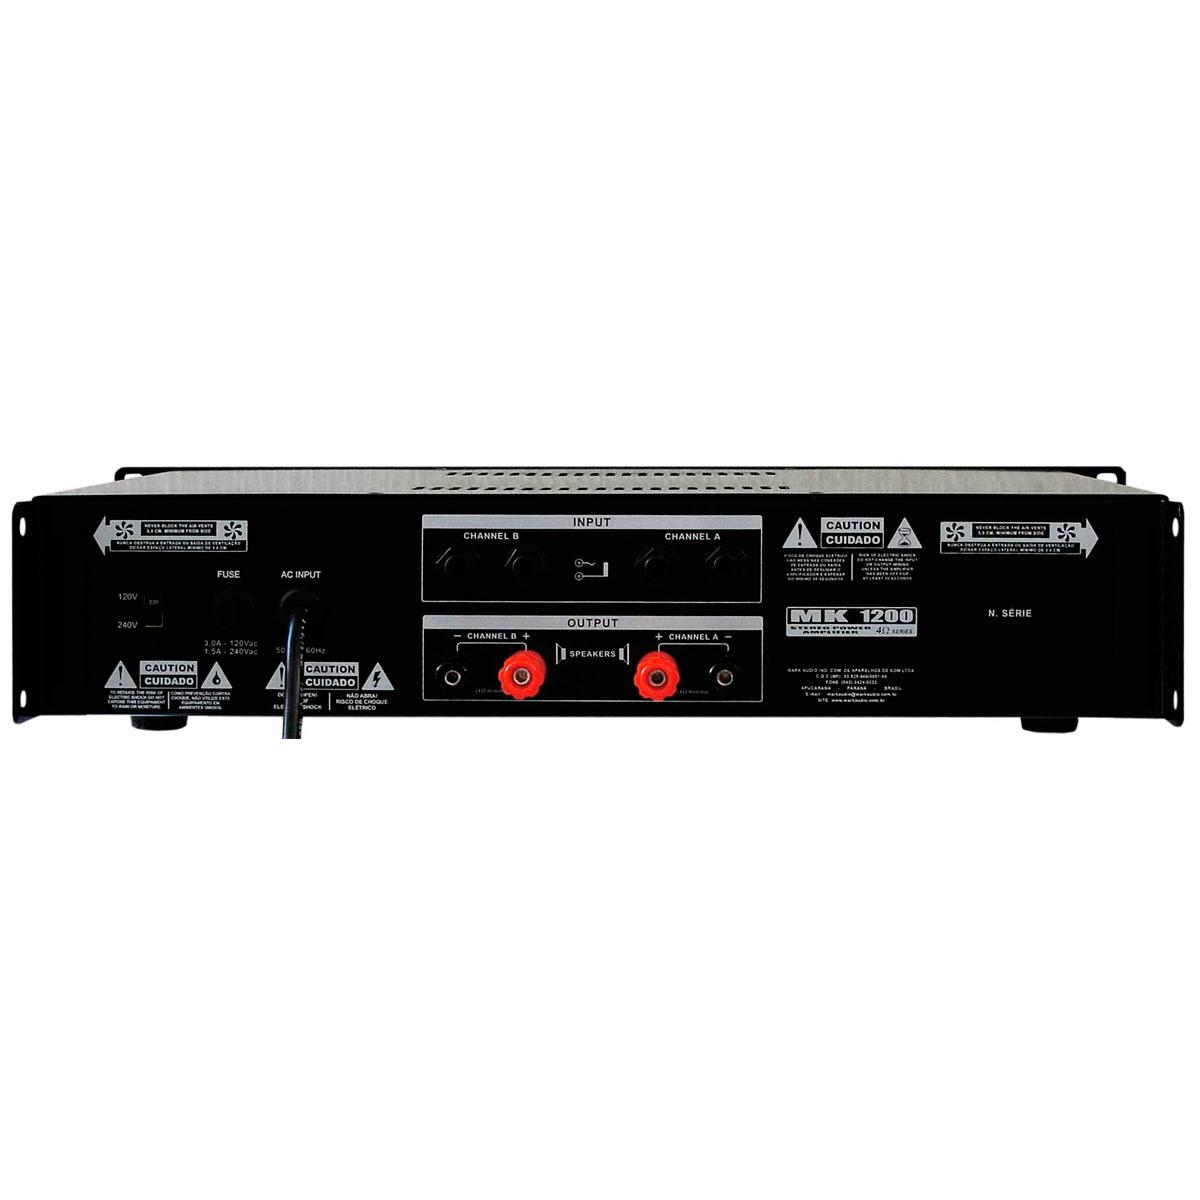 MK1200 - Amplificador Estéreo 2 Canais 200W MK 1200 - Mark Audio